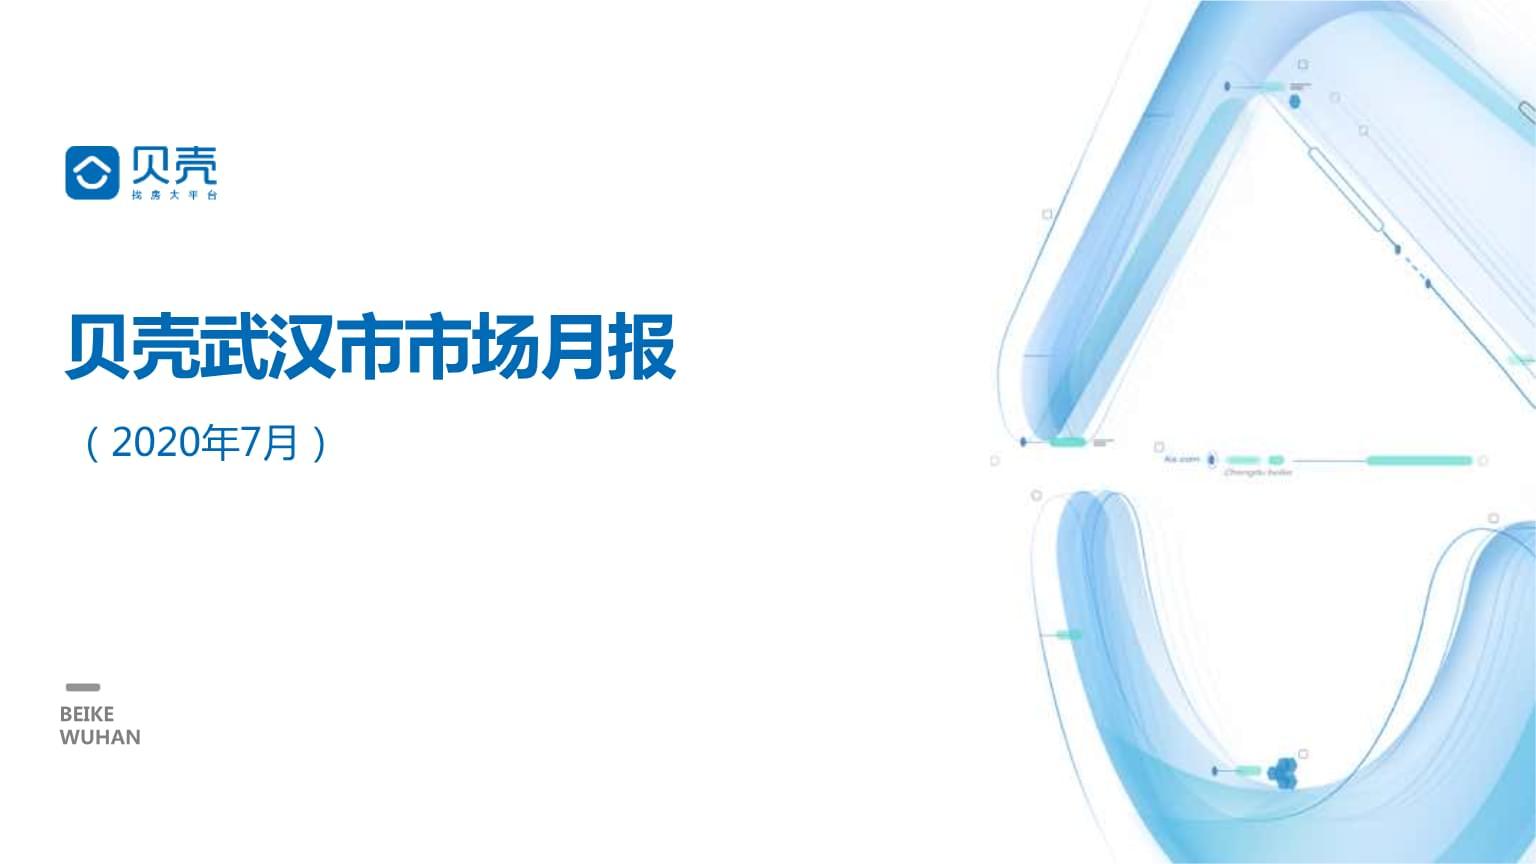 20200731贝壳武汉市市场月报2020年7月月报.pptx